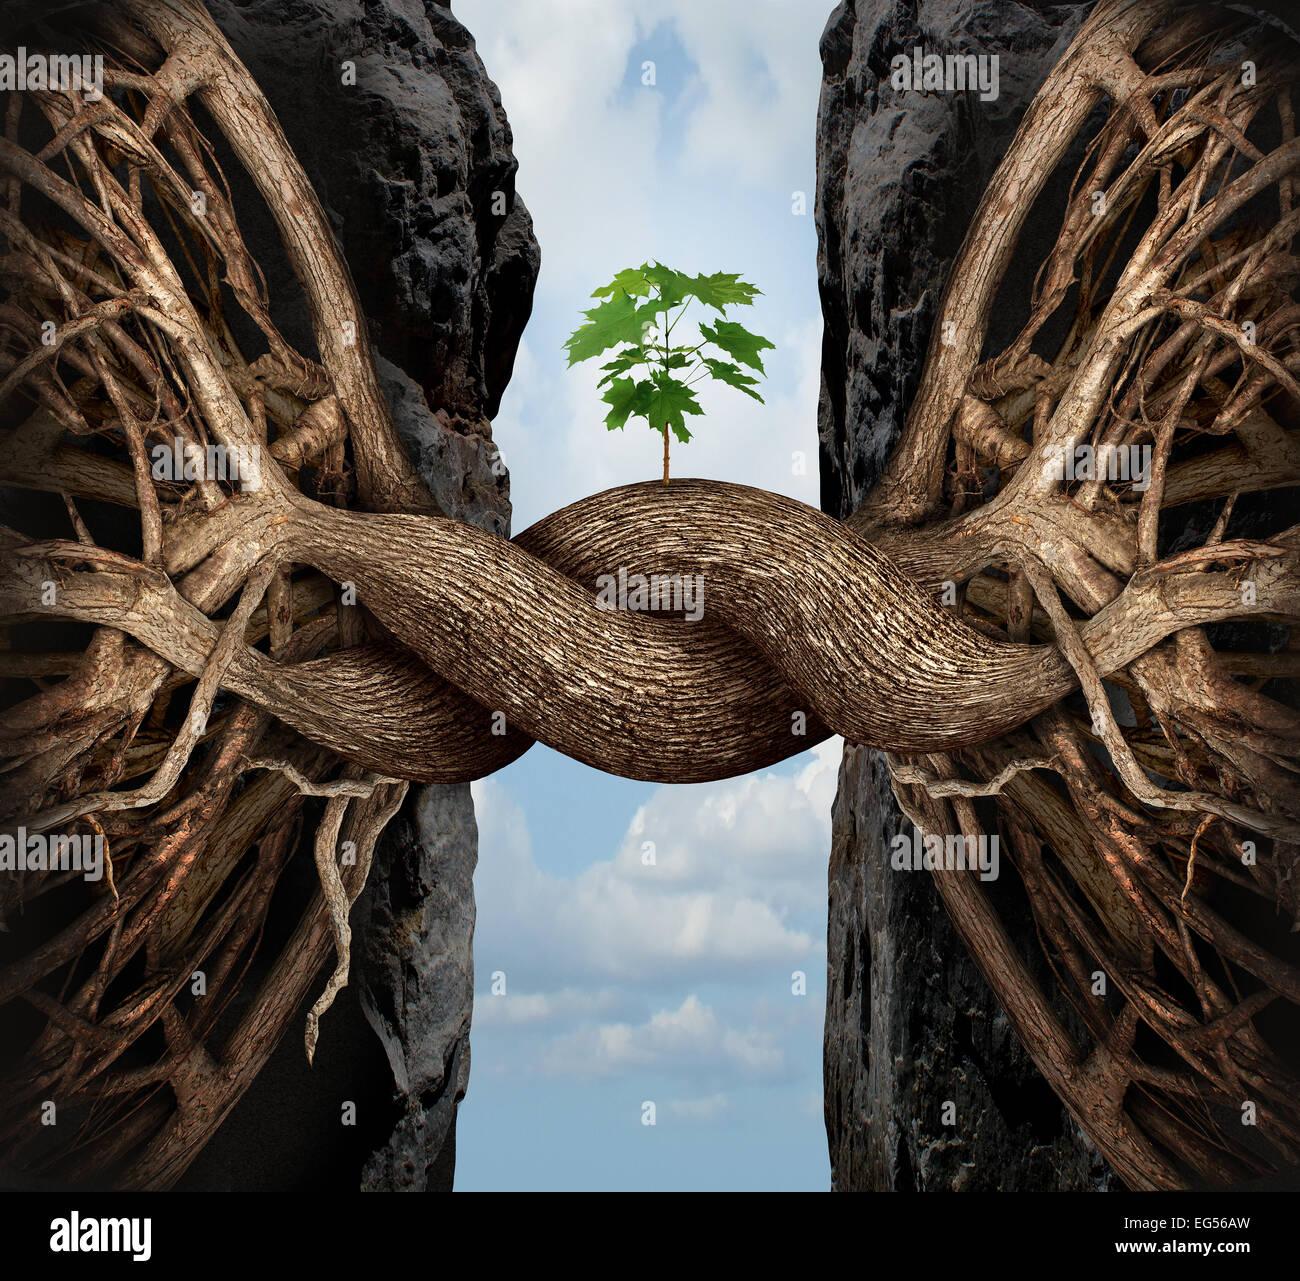 Concept de croissance de l'unité et de combler l'écart comme symbole des deux racines de l'arbre Photo Stock